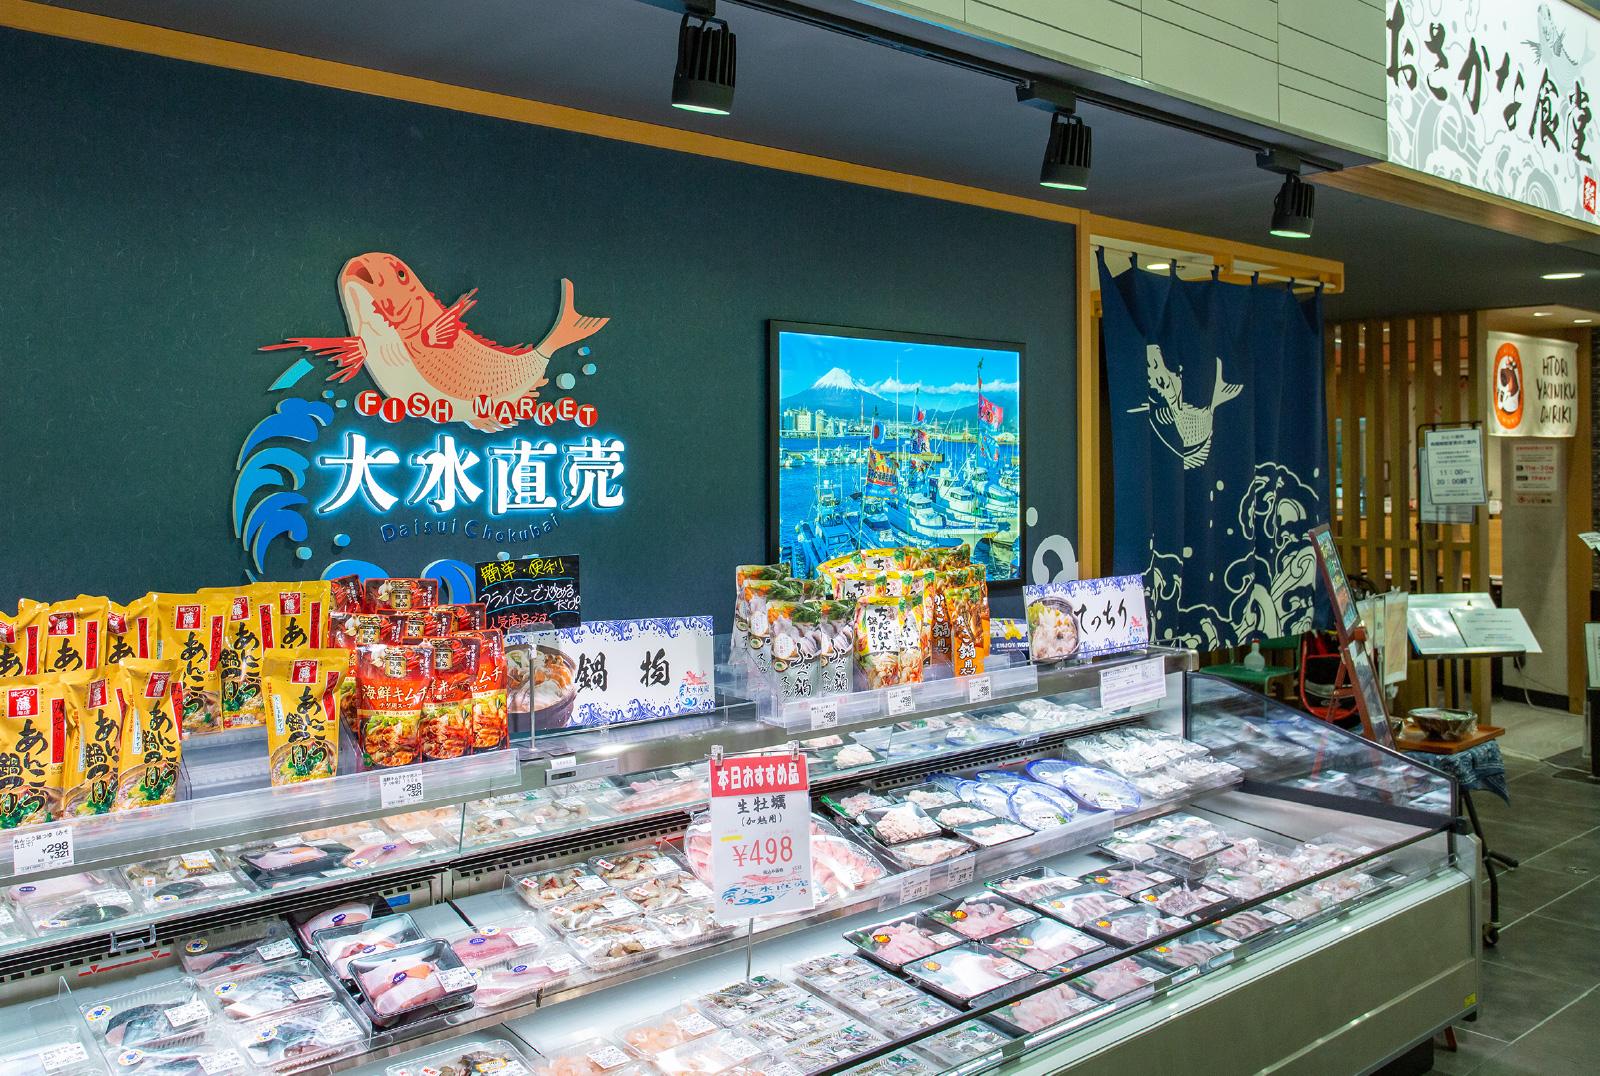 イトーヨーカ堂 アリオ八尾店